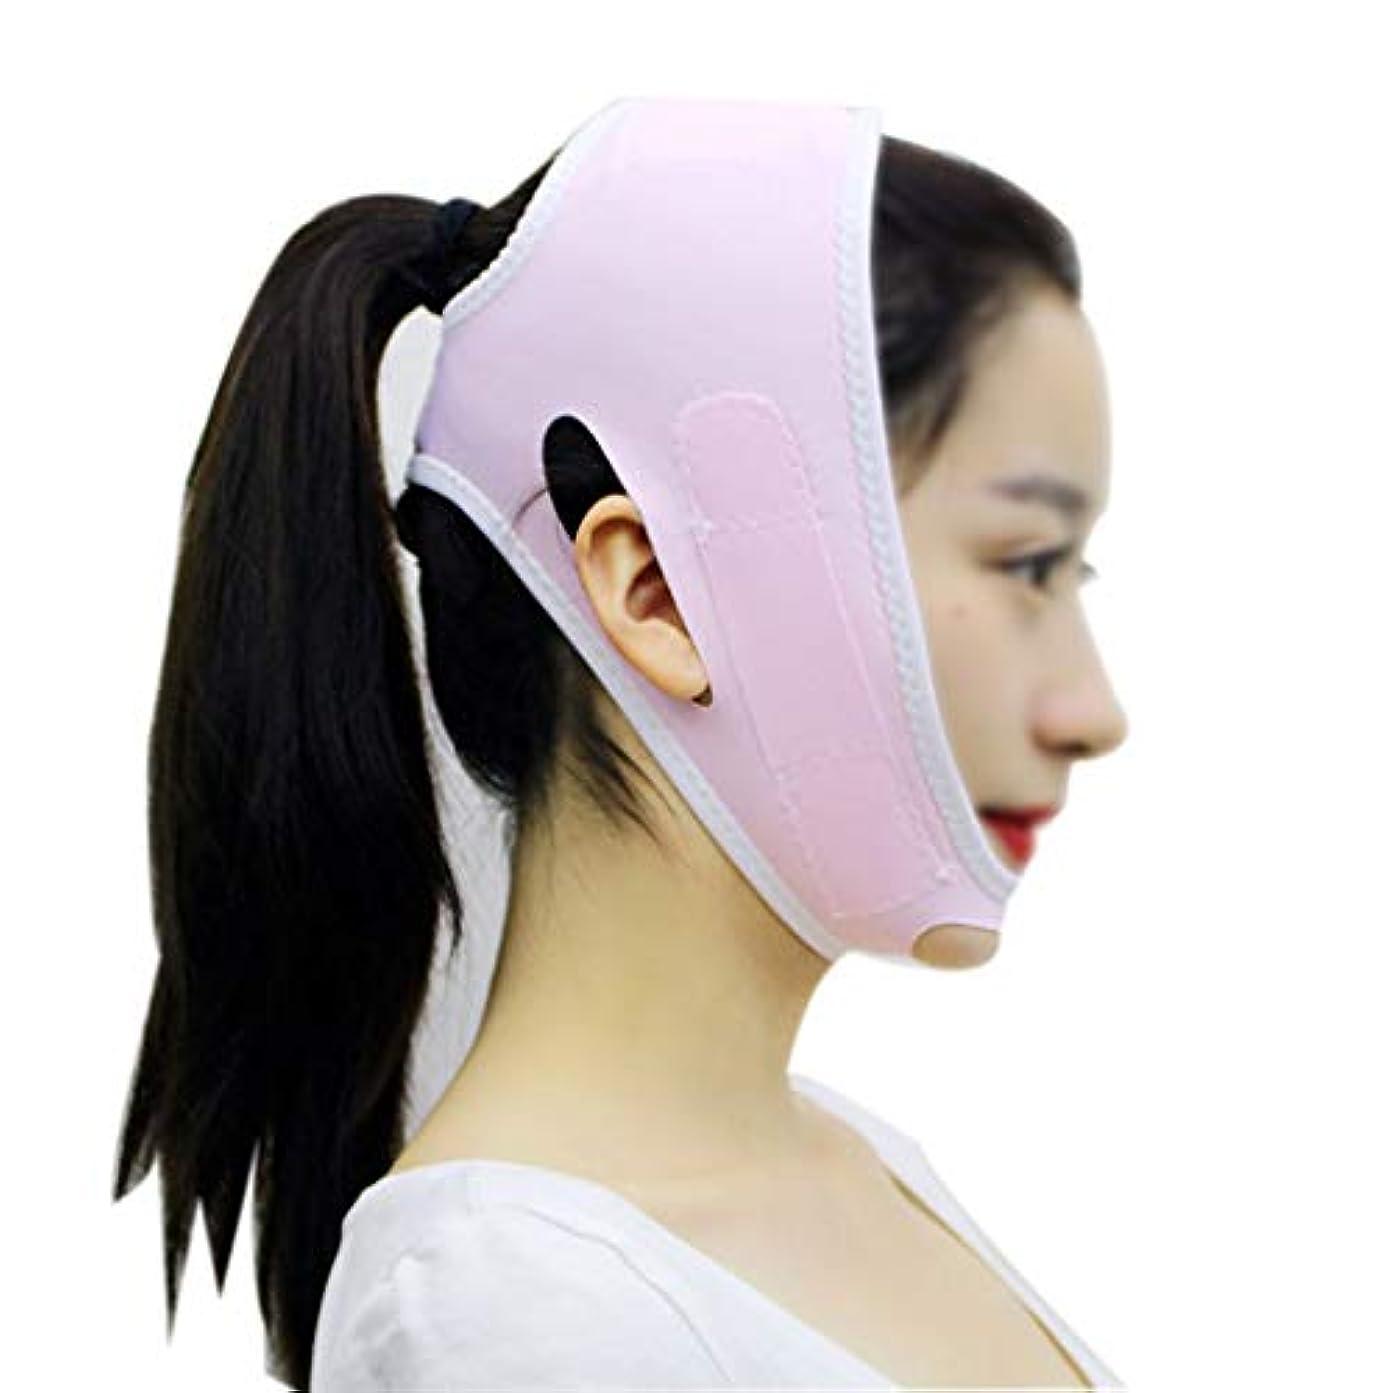 包帯トロリーバスデンマーク語GLJJQMY 引き締め肌の薄い二重あごマスクを強化するためのフェイスリフティング包帯回復マスク 顔用整形マスク (Color : Pink)